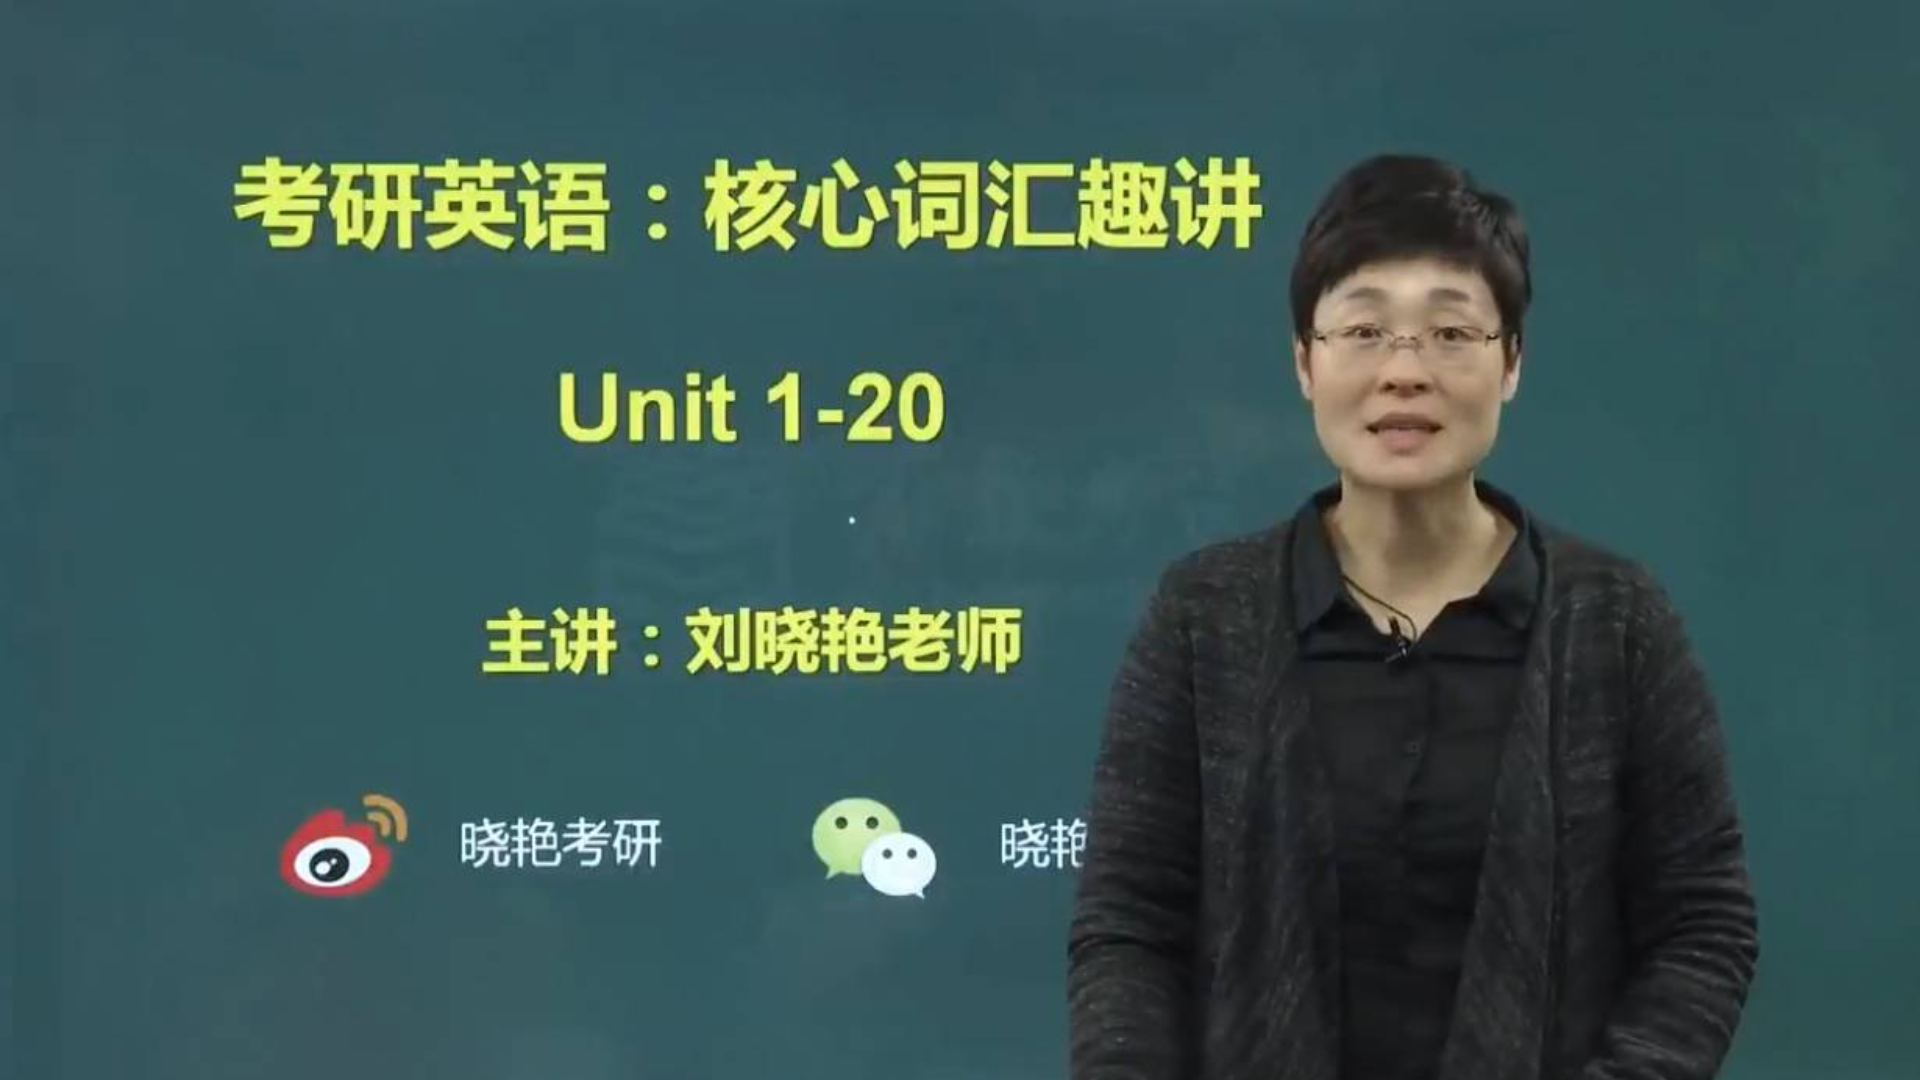 2021刘晓艳考研英语核心词汇完整版刘晓燕基础强化全程分享